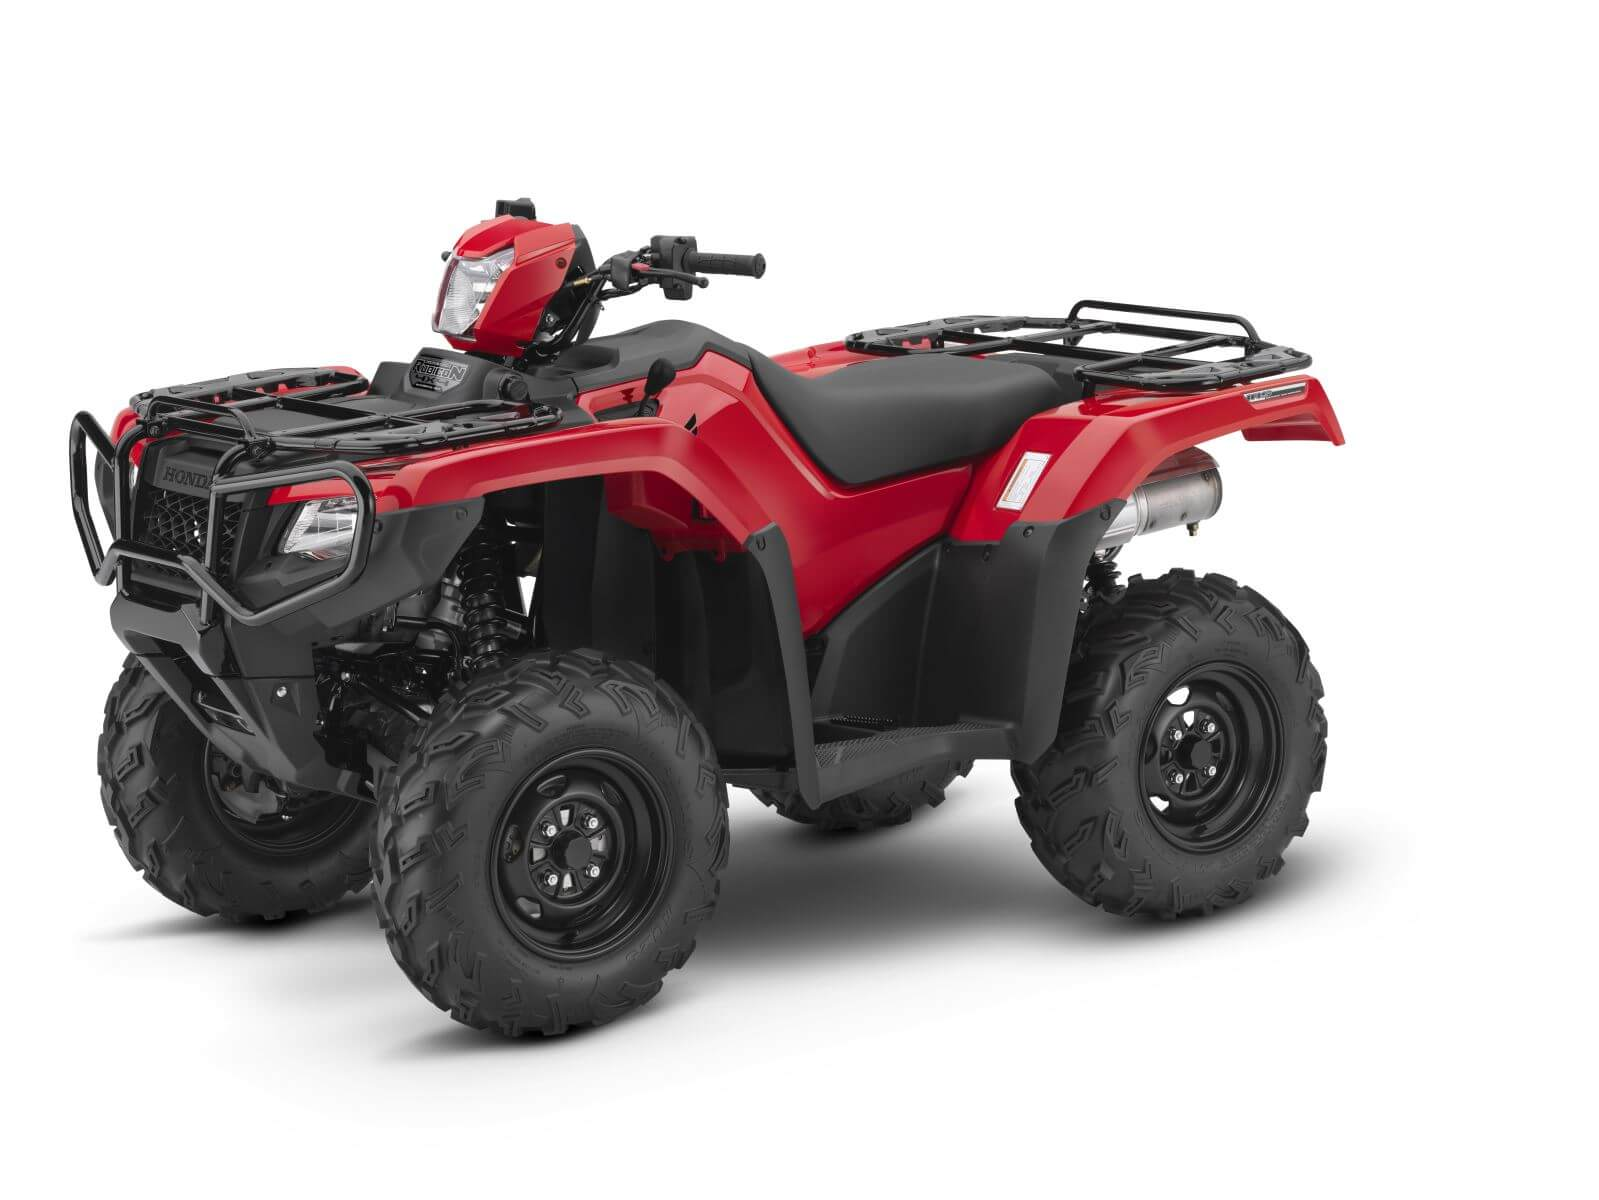 2018    Honda       Pioneer    1000 700    500    Side By Side Models   2017